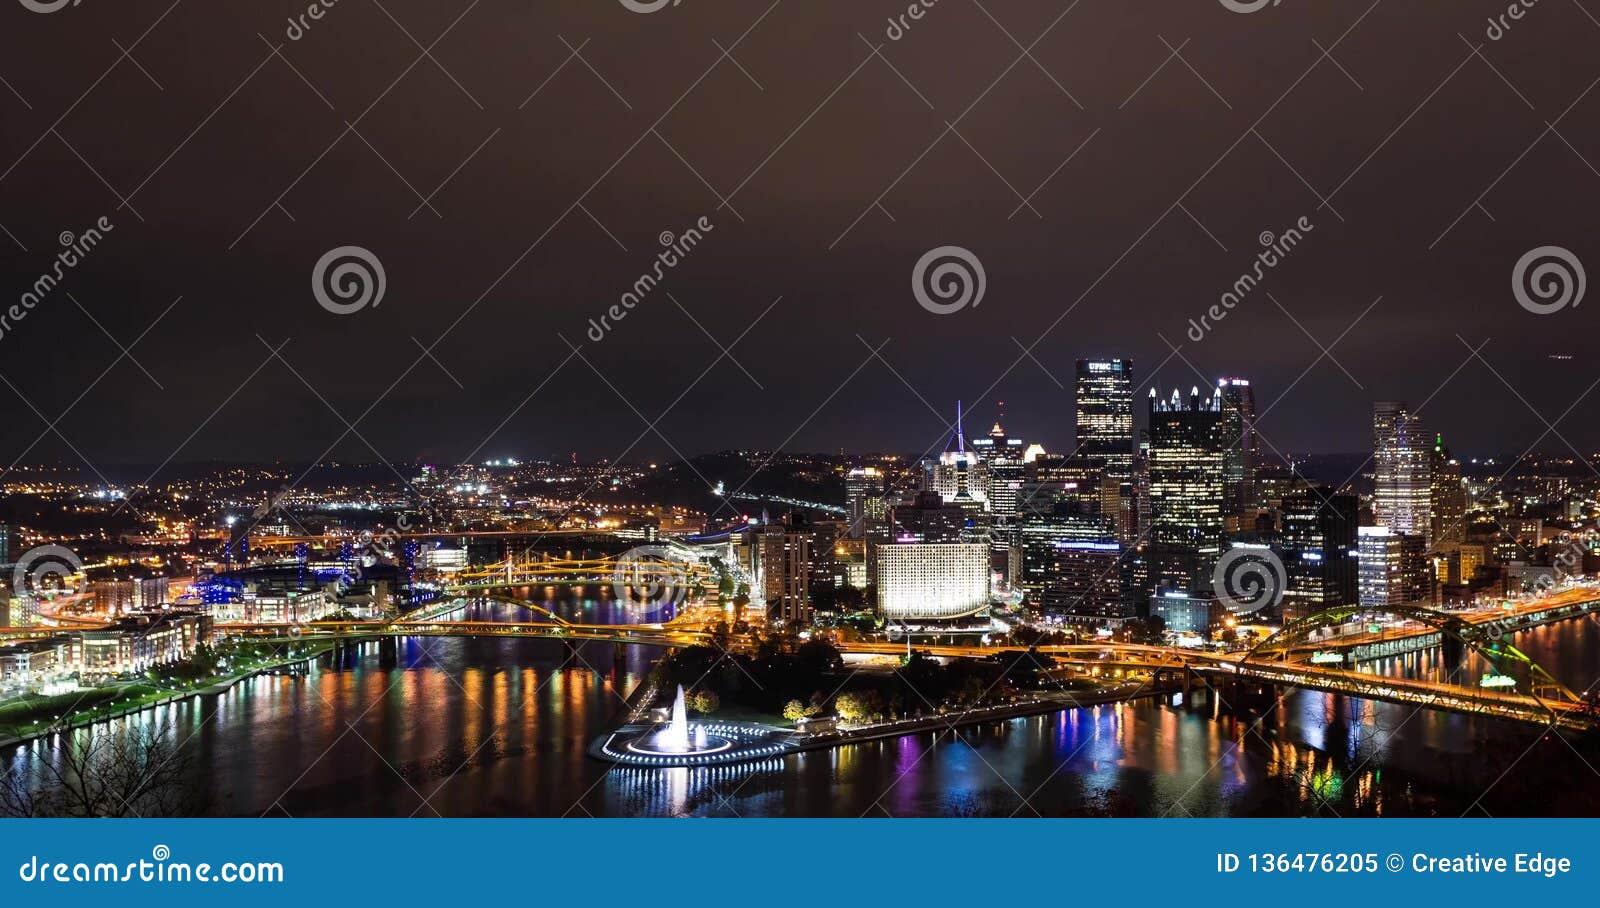 Πανόραμα θερινού βραδιού του στο κέντρο της πόλης Πίτσμπουργκ, Πενσυλβανία